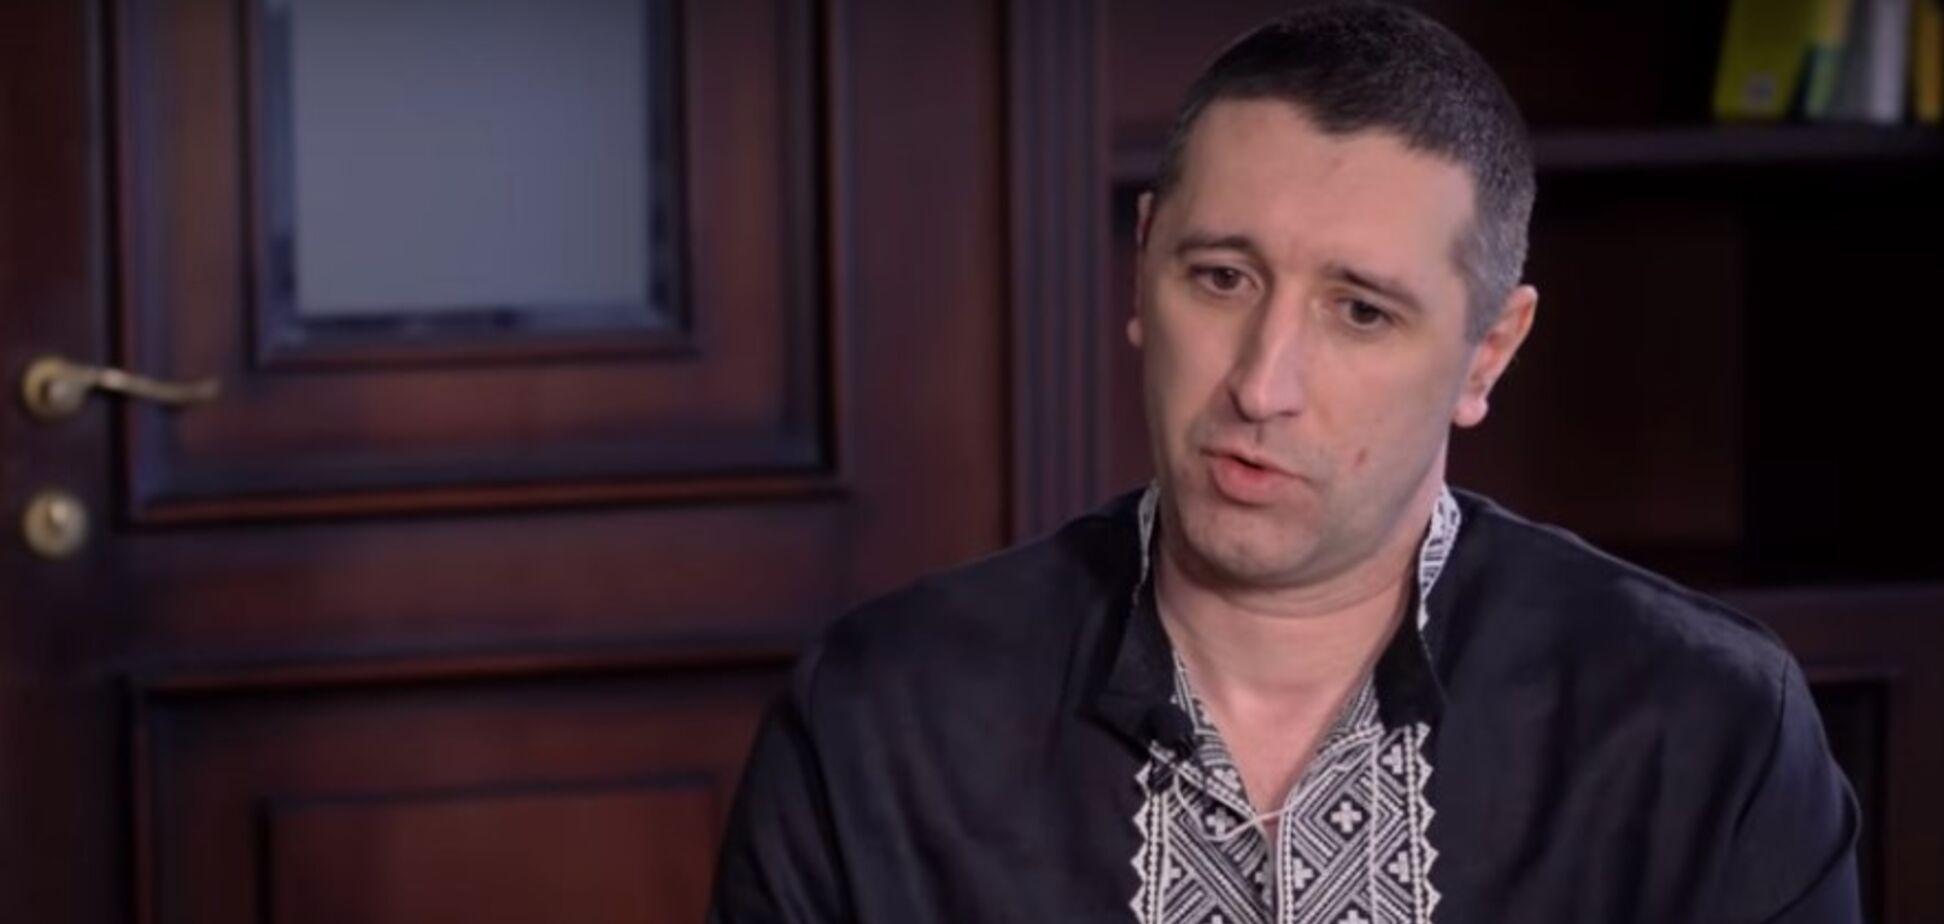 Подробности ликвидации Гиви впервые озвучил агент СБУ. Видео